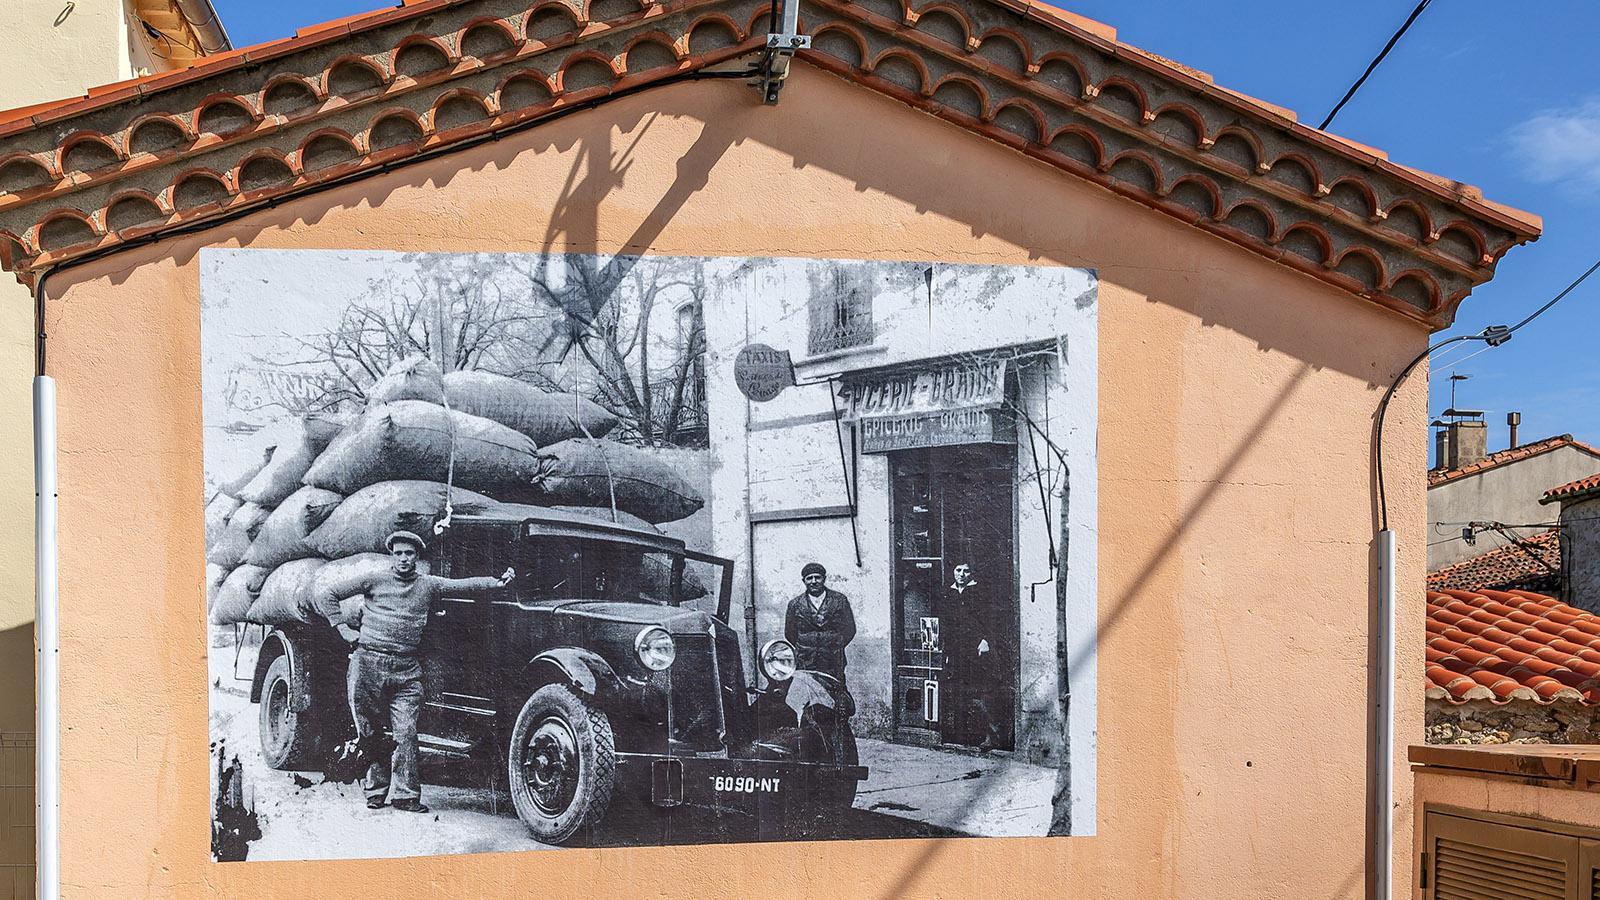 Historische Fotografien erzählen auf den Fassaden von der Vergangenheit als Kork-Gemeinde. Foto: Hilke Maunder